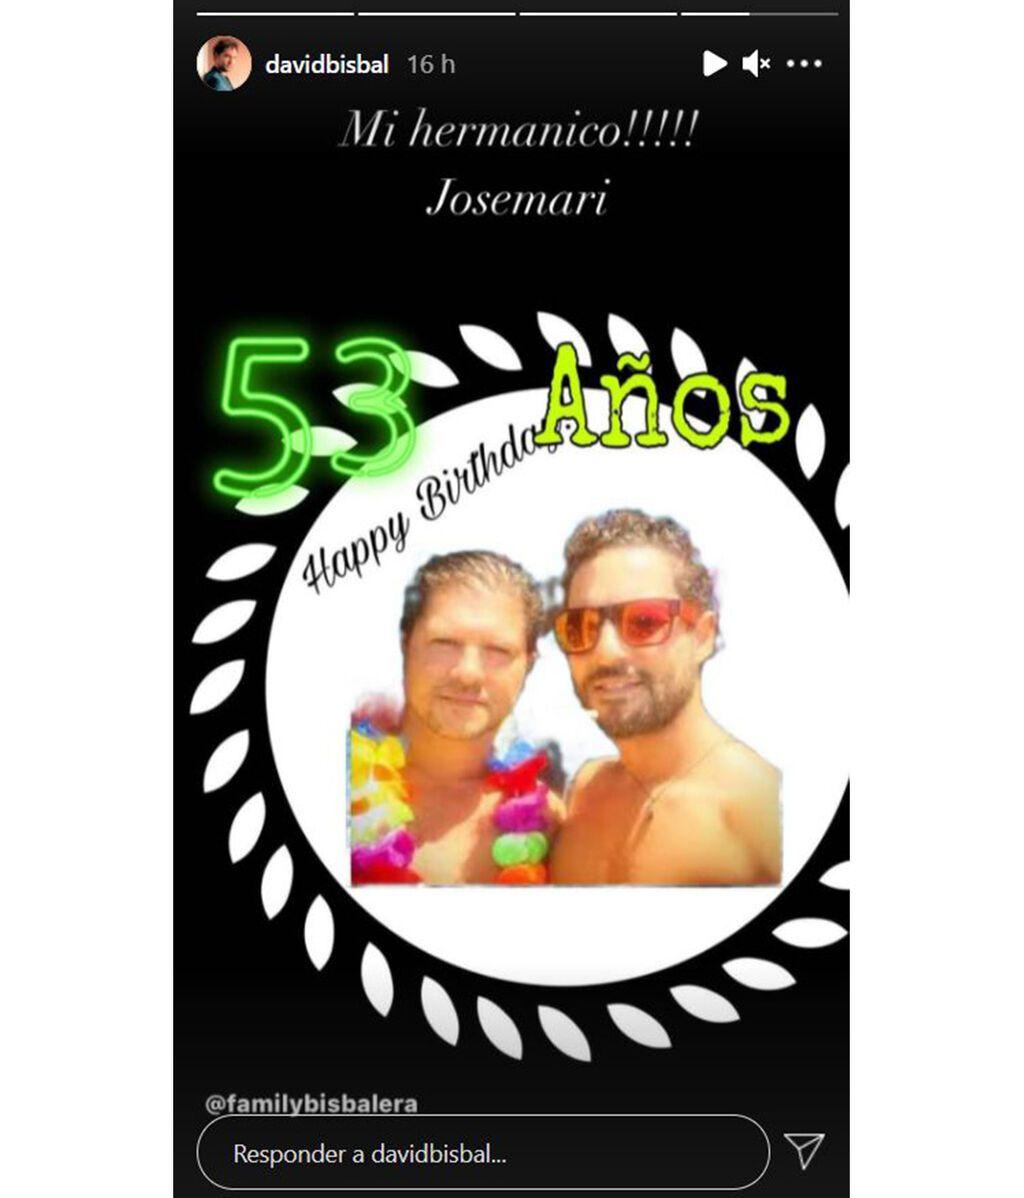 David Bisbal felicita a su hermano José María por su cumpleaños